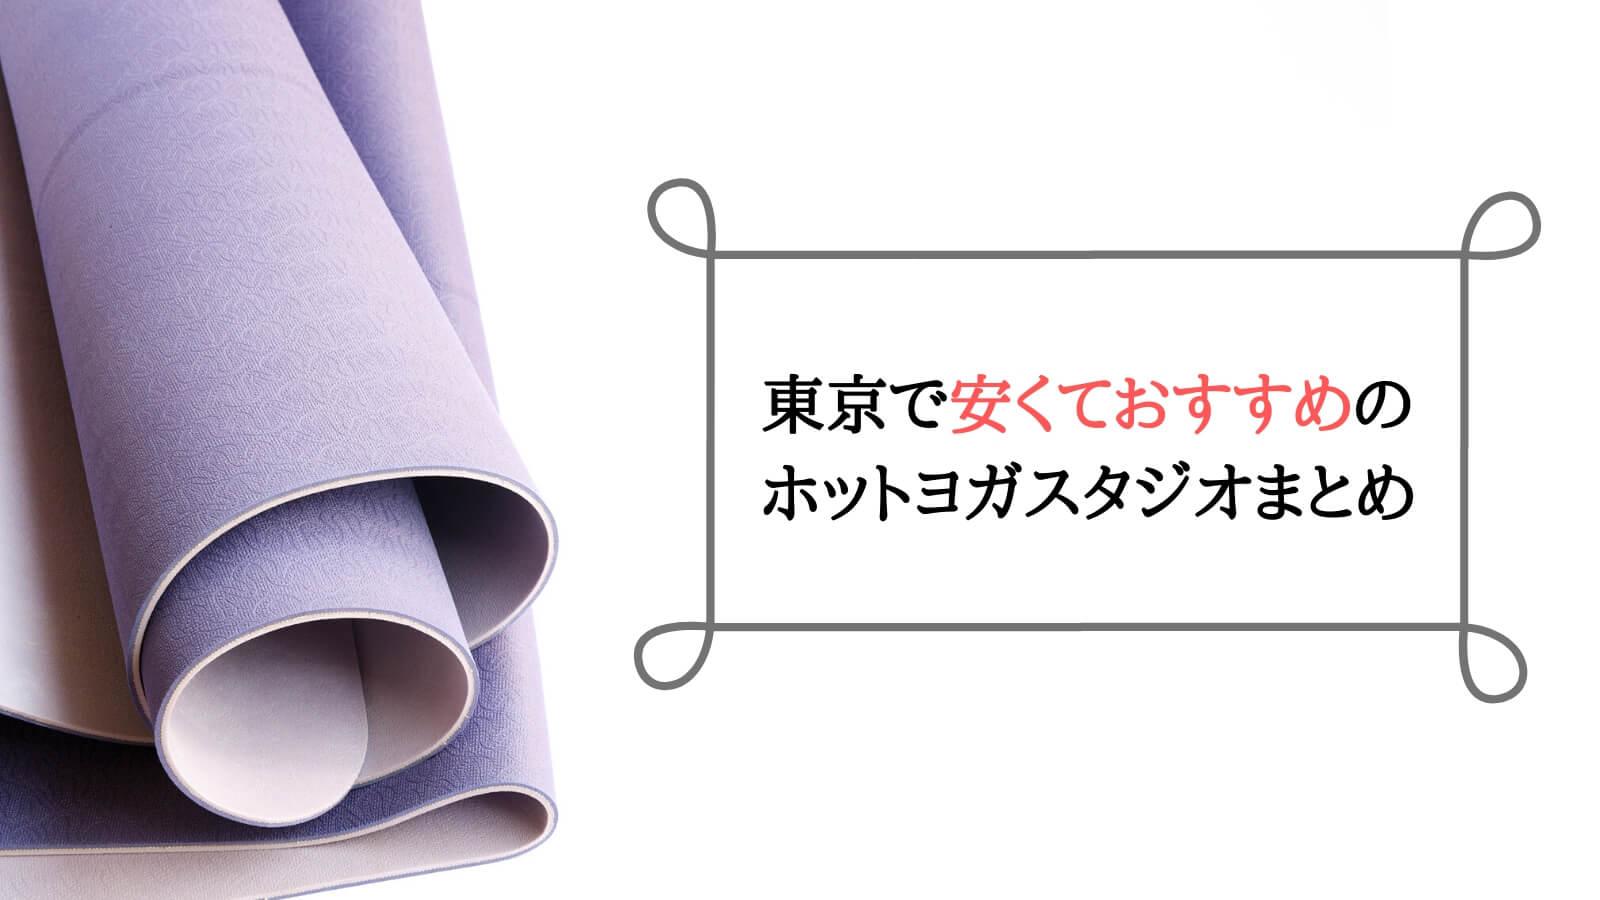 東京で安くておすすめのホットヨガスタジオまとめ